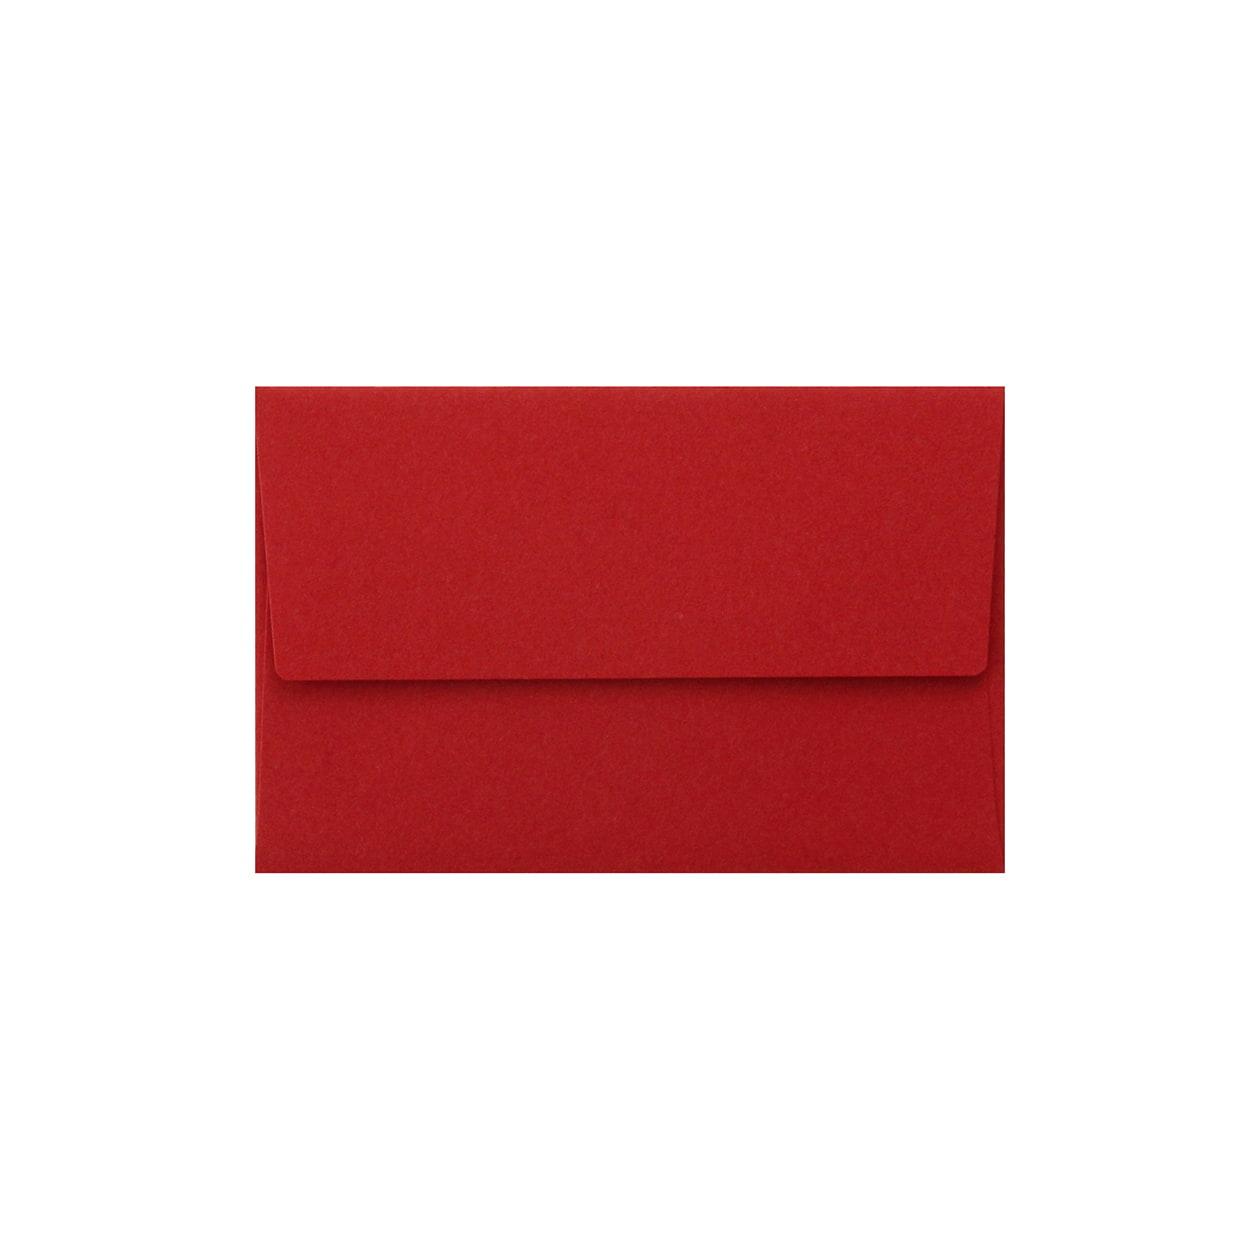 サンプル 封筒・袋 00118